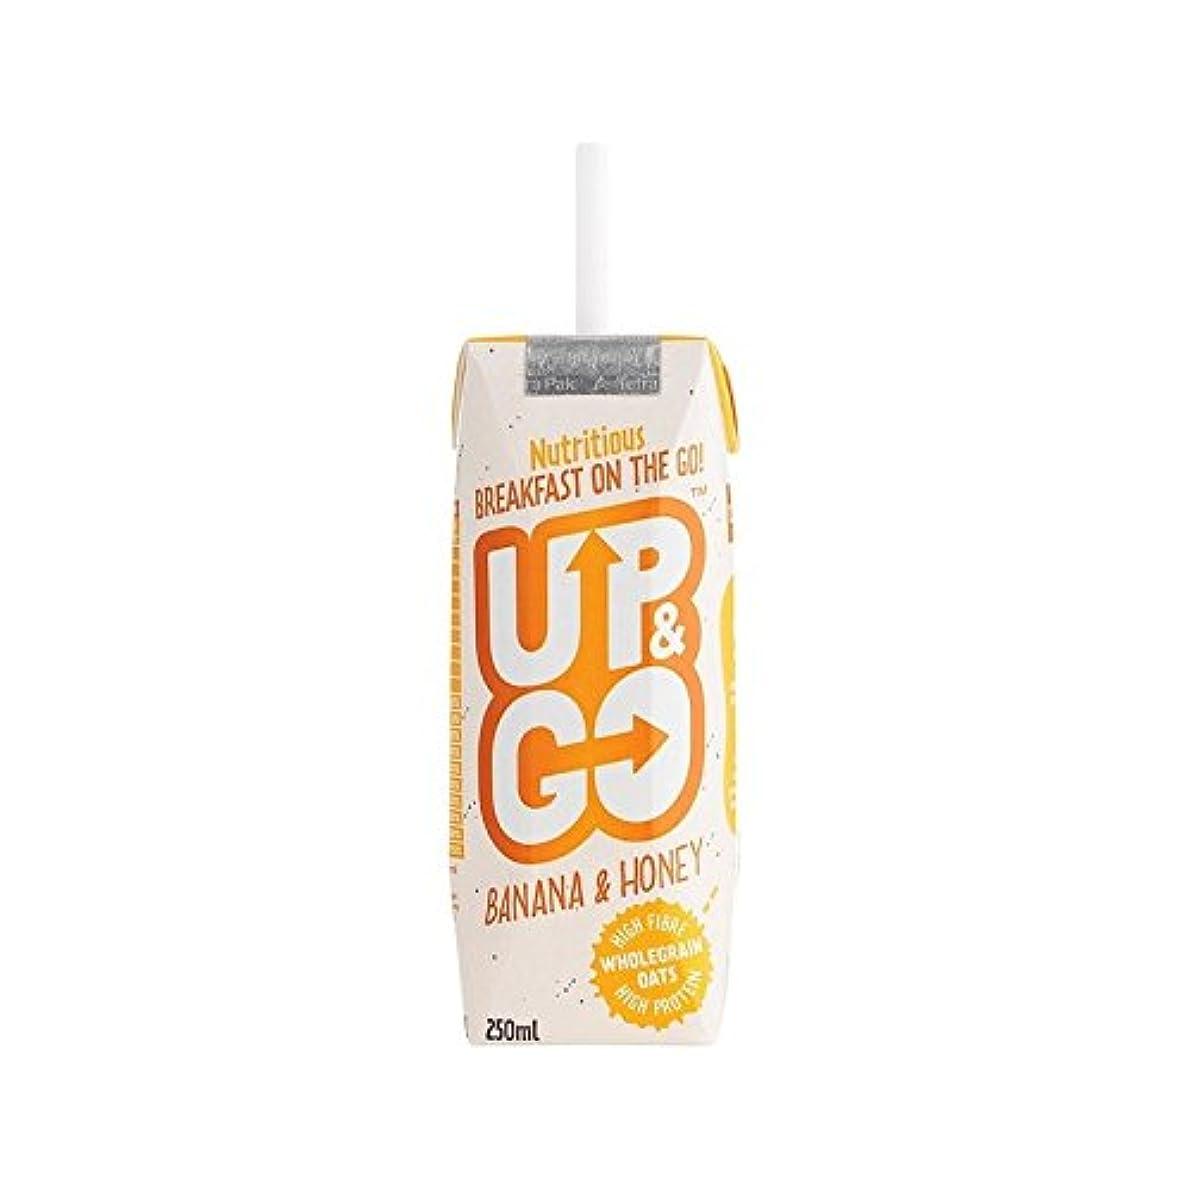 細分化する節約するタクトオート麦の250ミリリットルとバナナ&ハニー朝食ドリンク (Up&Go) - Up&Go Banana & Honey Breakfast Drink with Oats 250ml [並行輸入品]